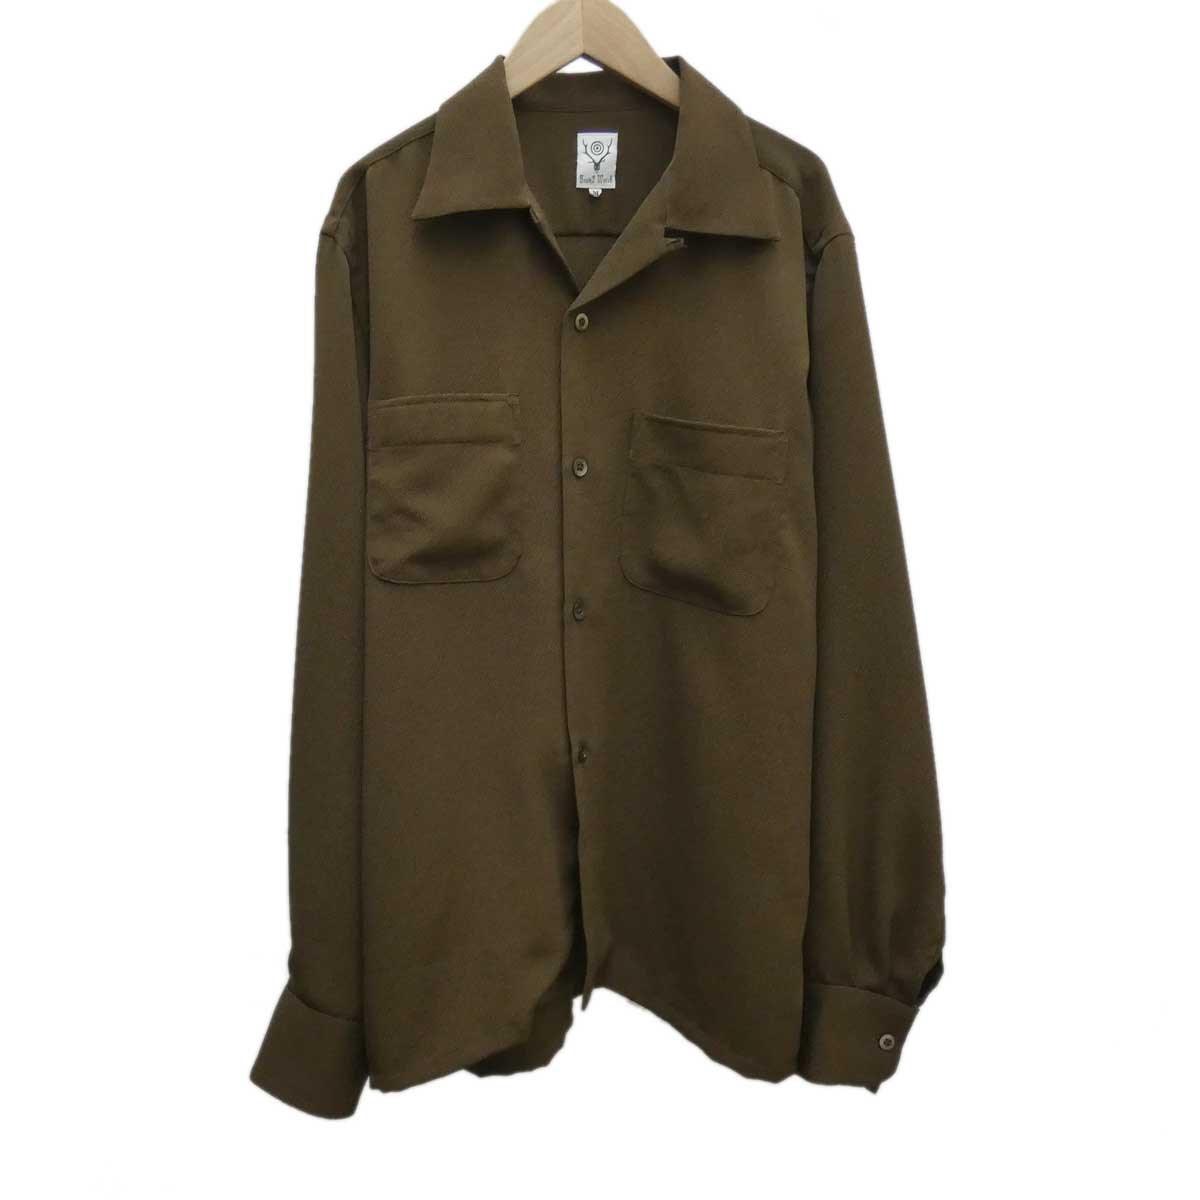 エスツーダブルエイト 中古 S2W8 One-up サイズ:M 300520 ファッション通販 カーキ 激安 Shirt